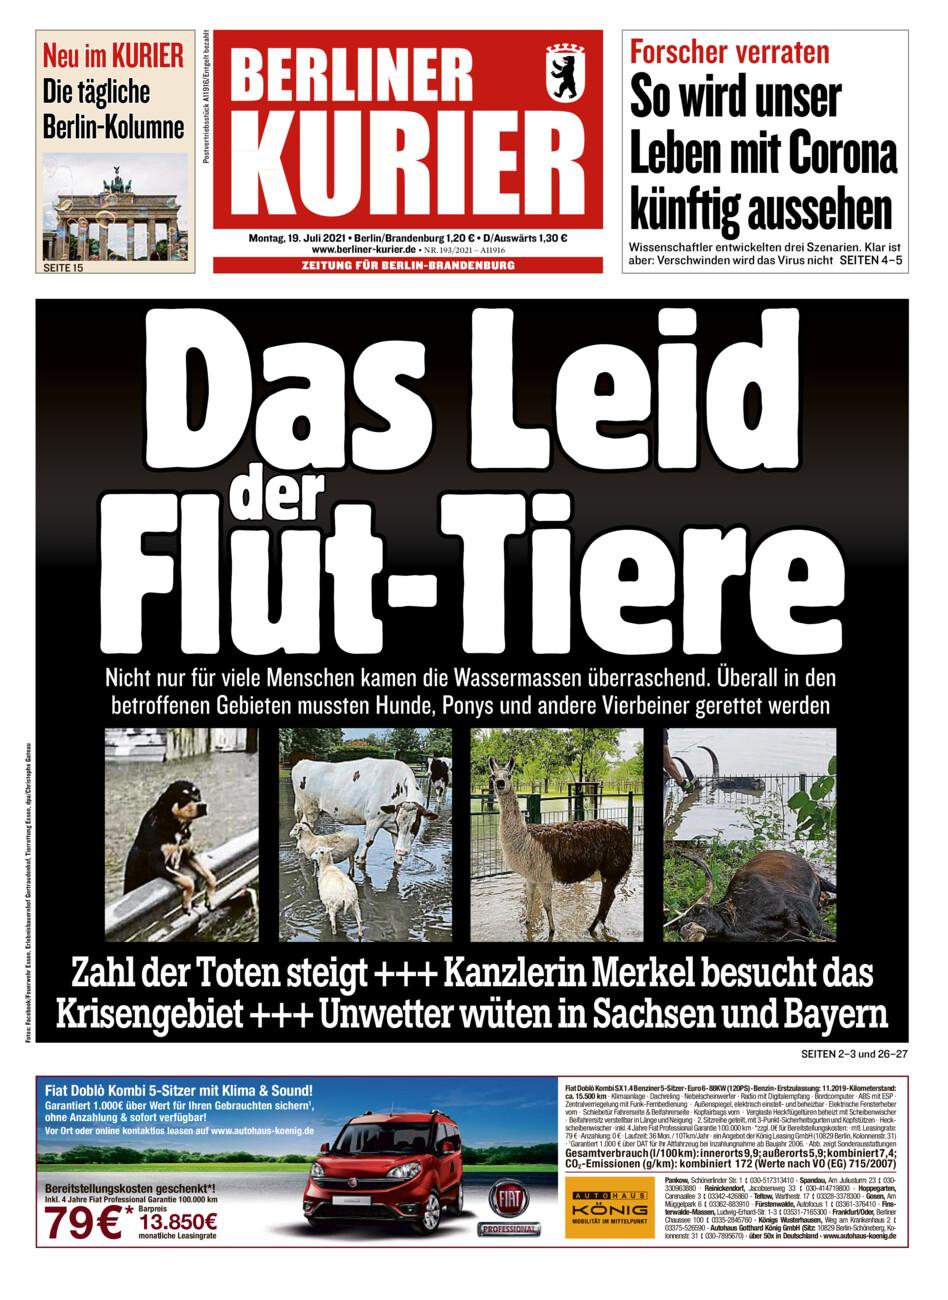 Berliner Kurier vom Montag, 19.07.2021